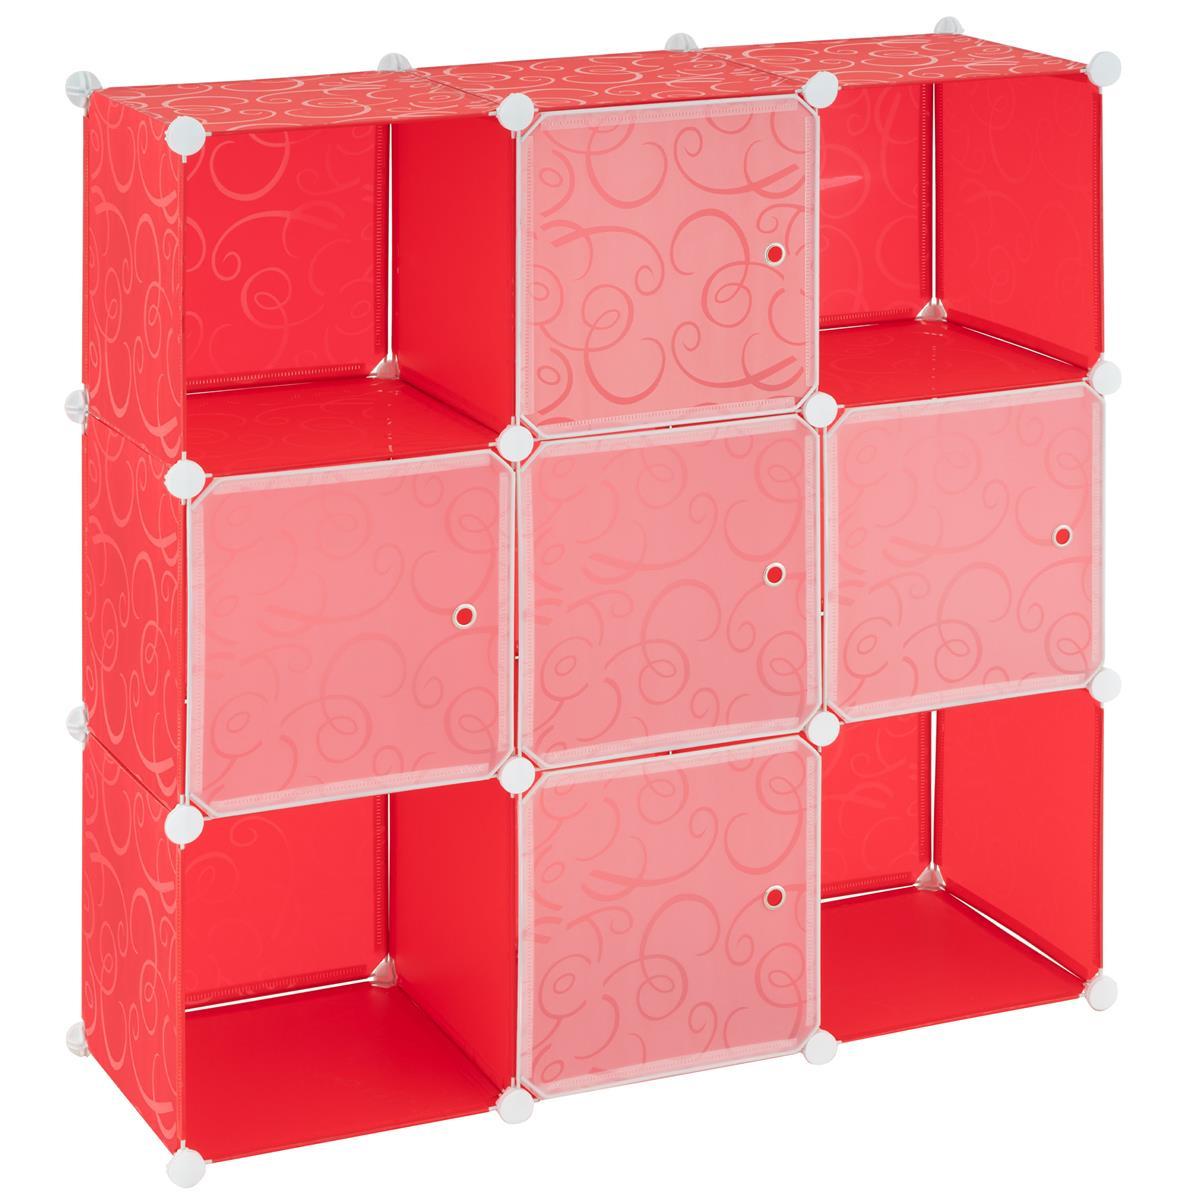 Steckregalsystem rot 108x110x37cm mit Ablagefächern Türen DIY erweiterbar